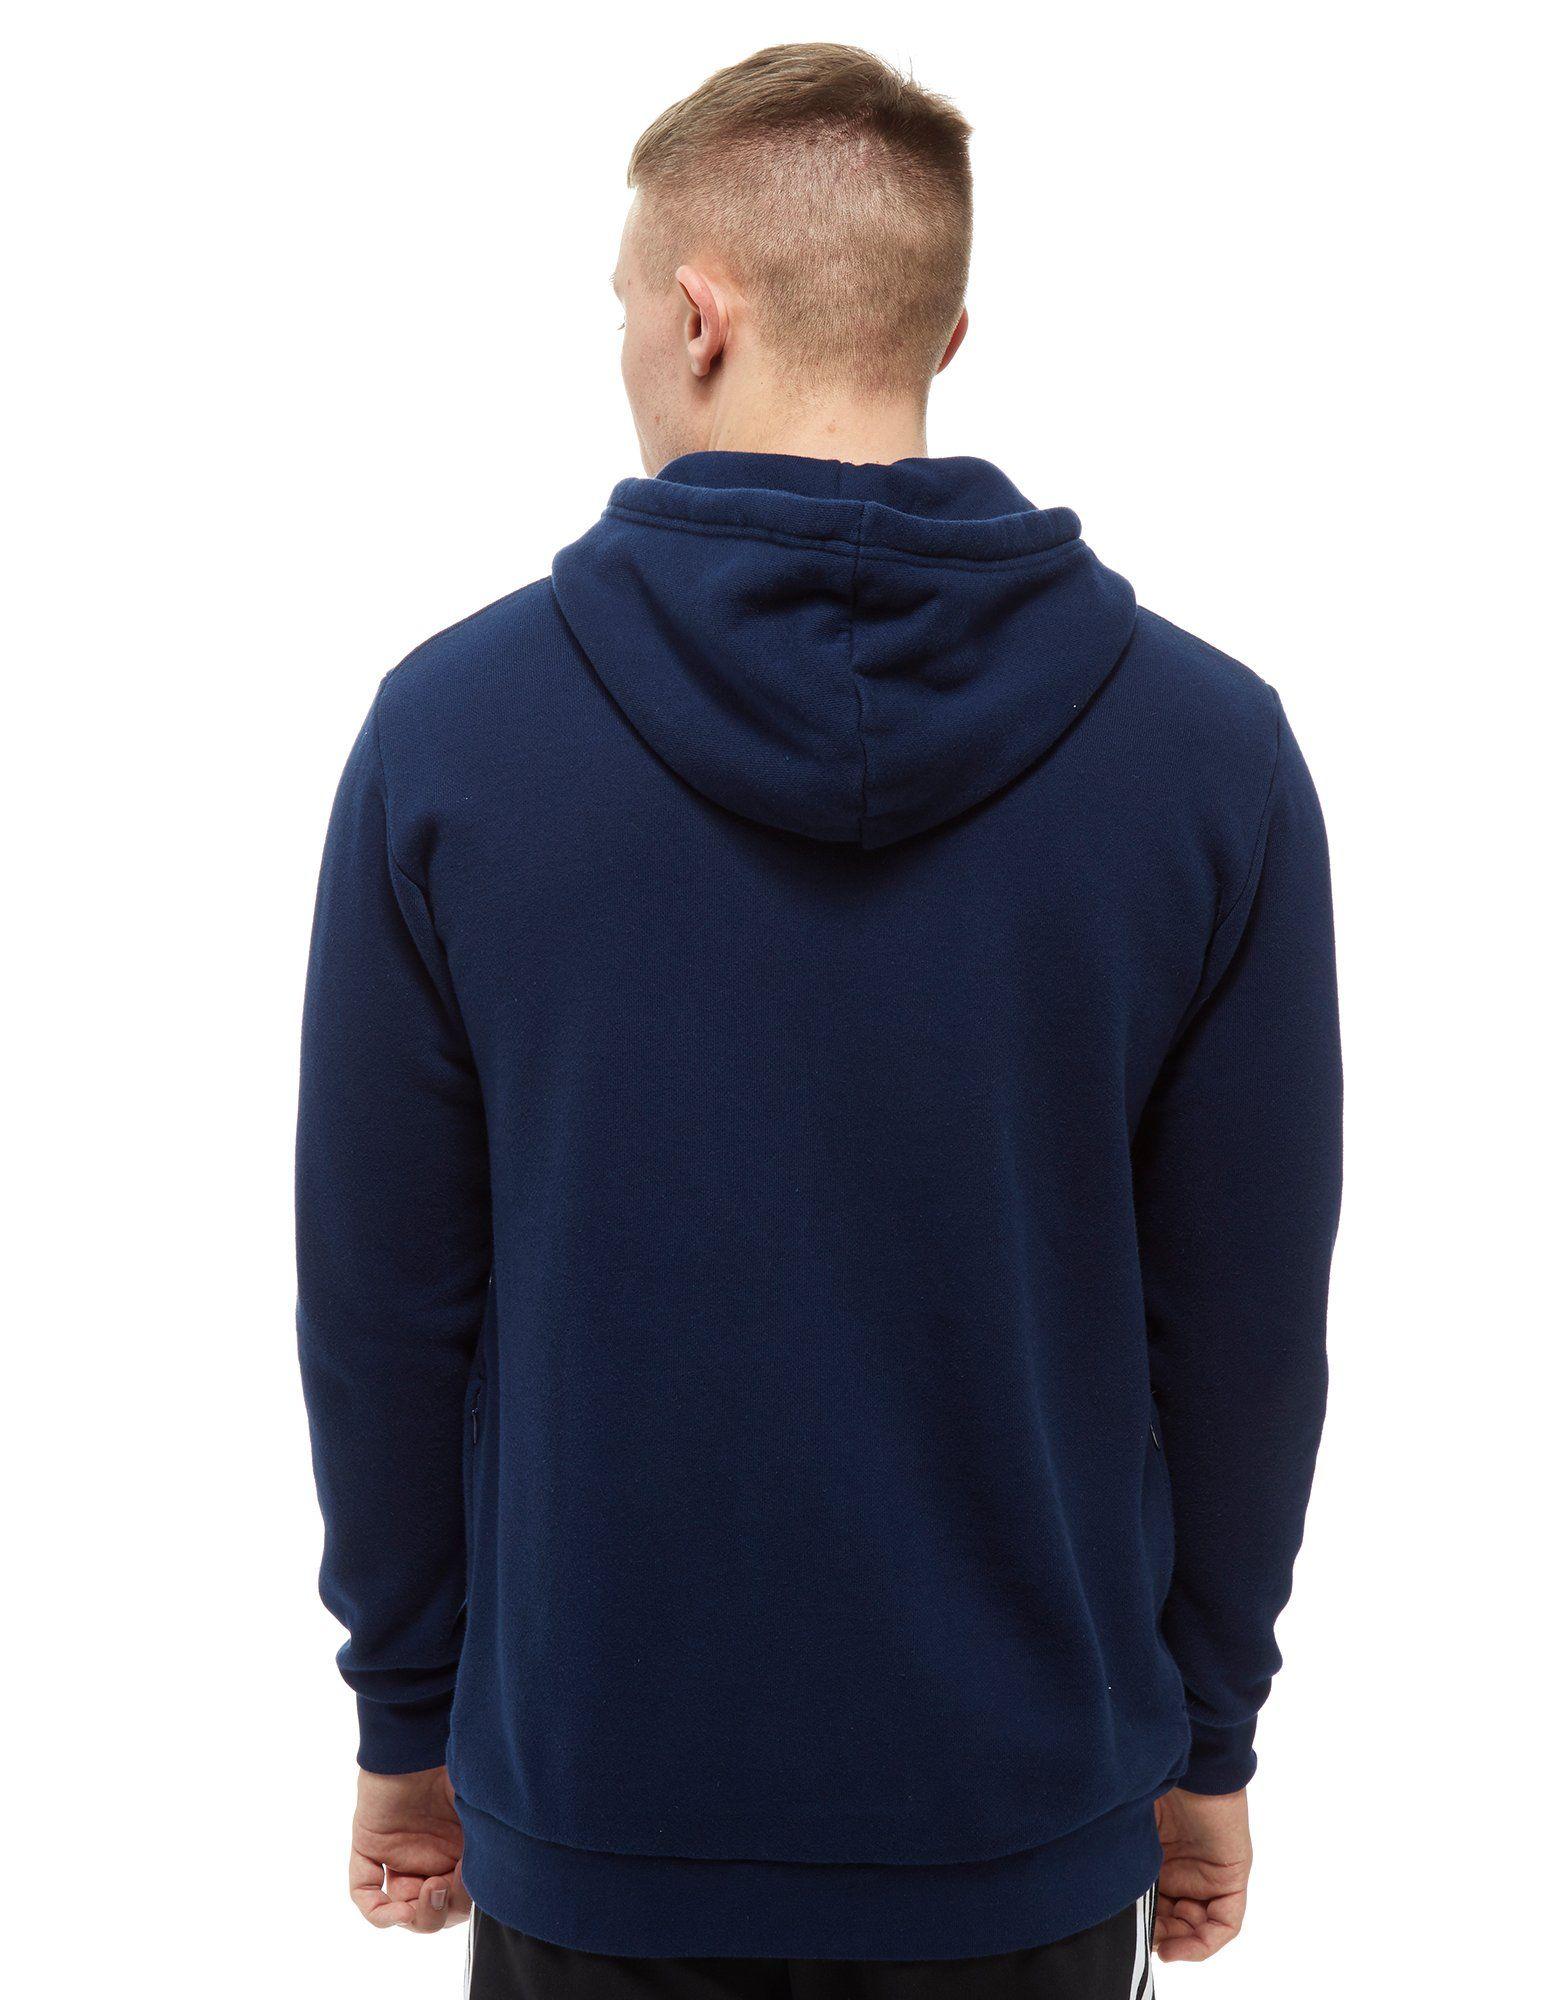 adidas Originals Trefoil State Overhead Hoodie Blau